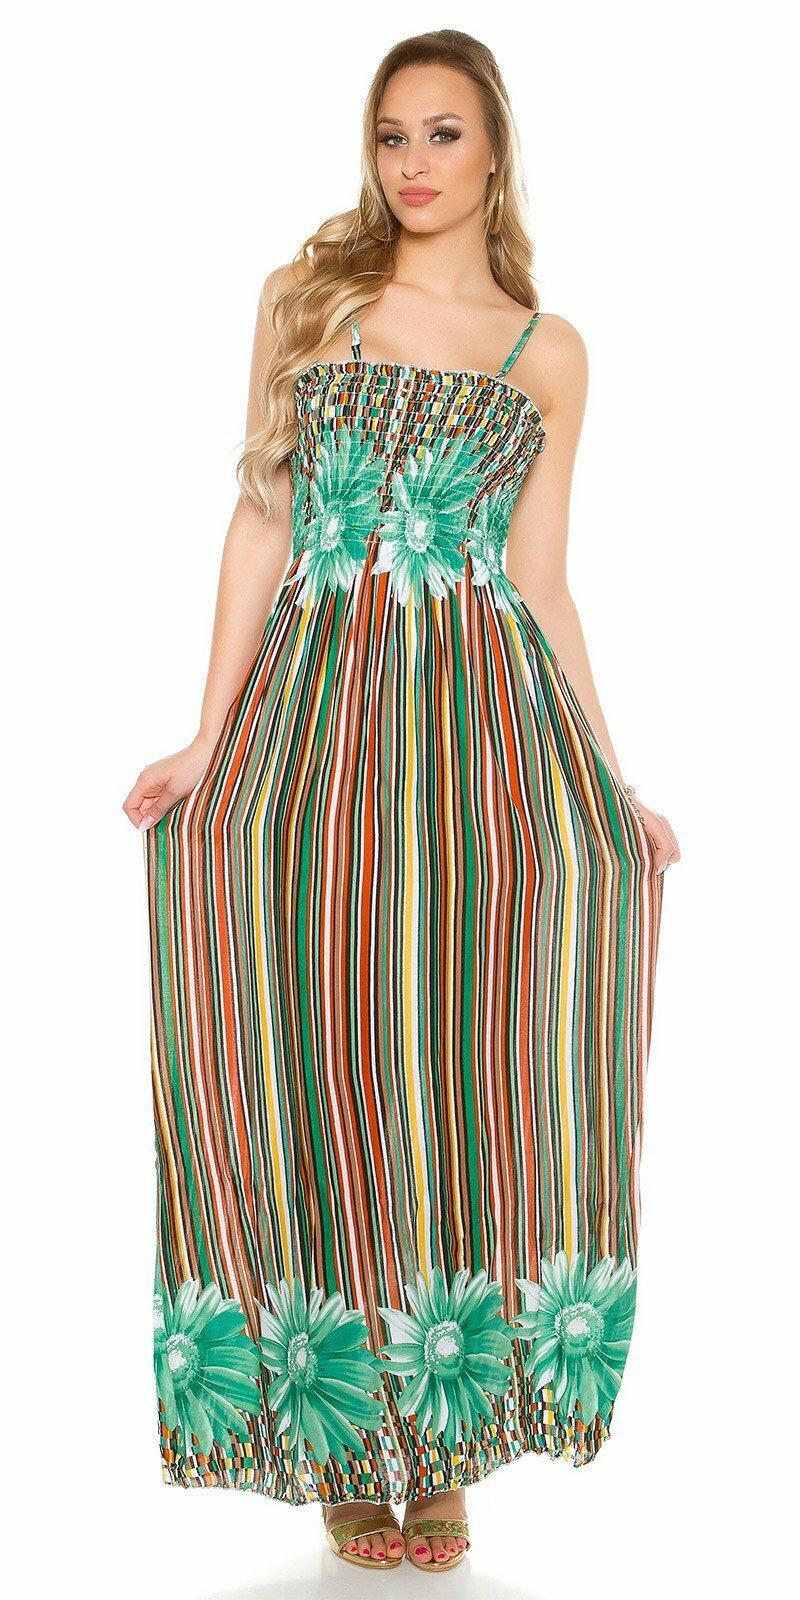 Dámske letné maxi šaty  Veľkosť Univerzálna (XS S M) Farba Zelená e900d65c3f3